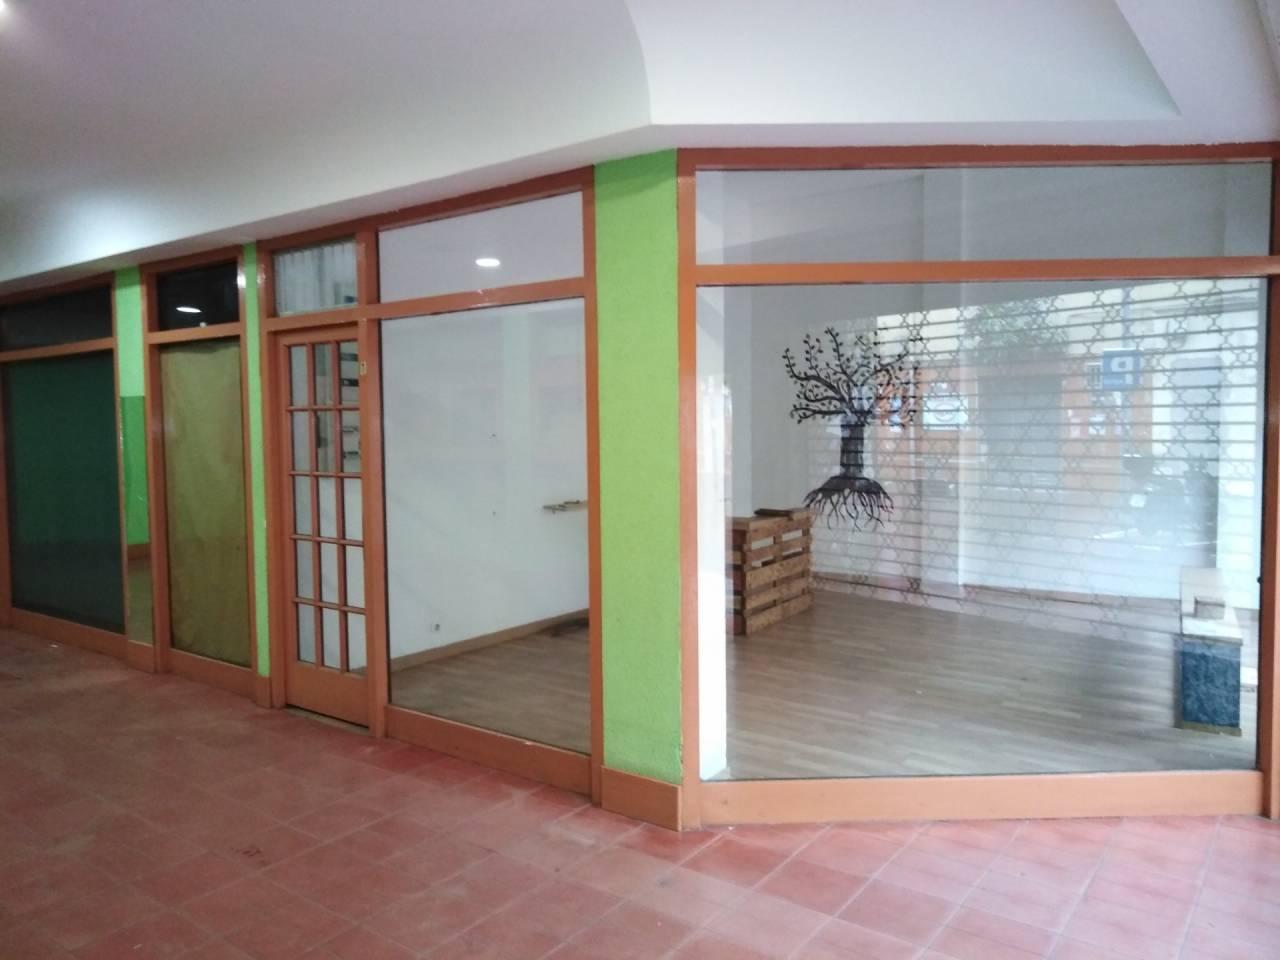 Local comercial en venta Can Cuiàs (Montcada i Reixac)